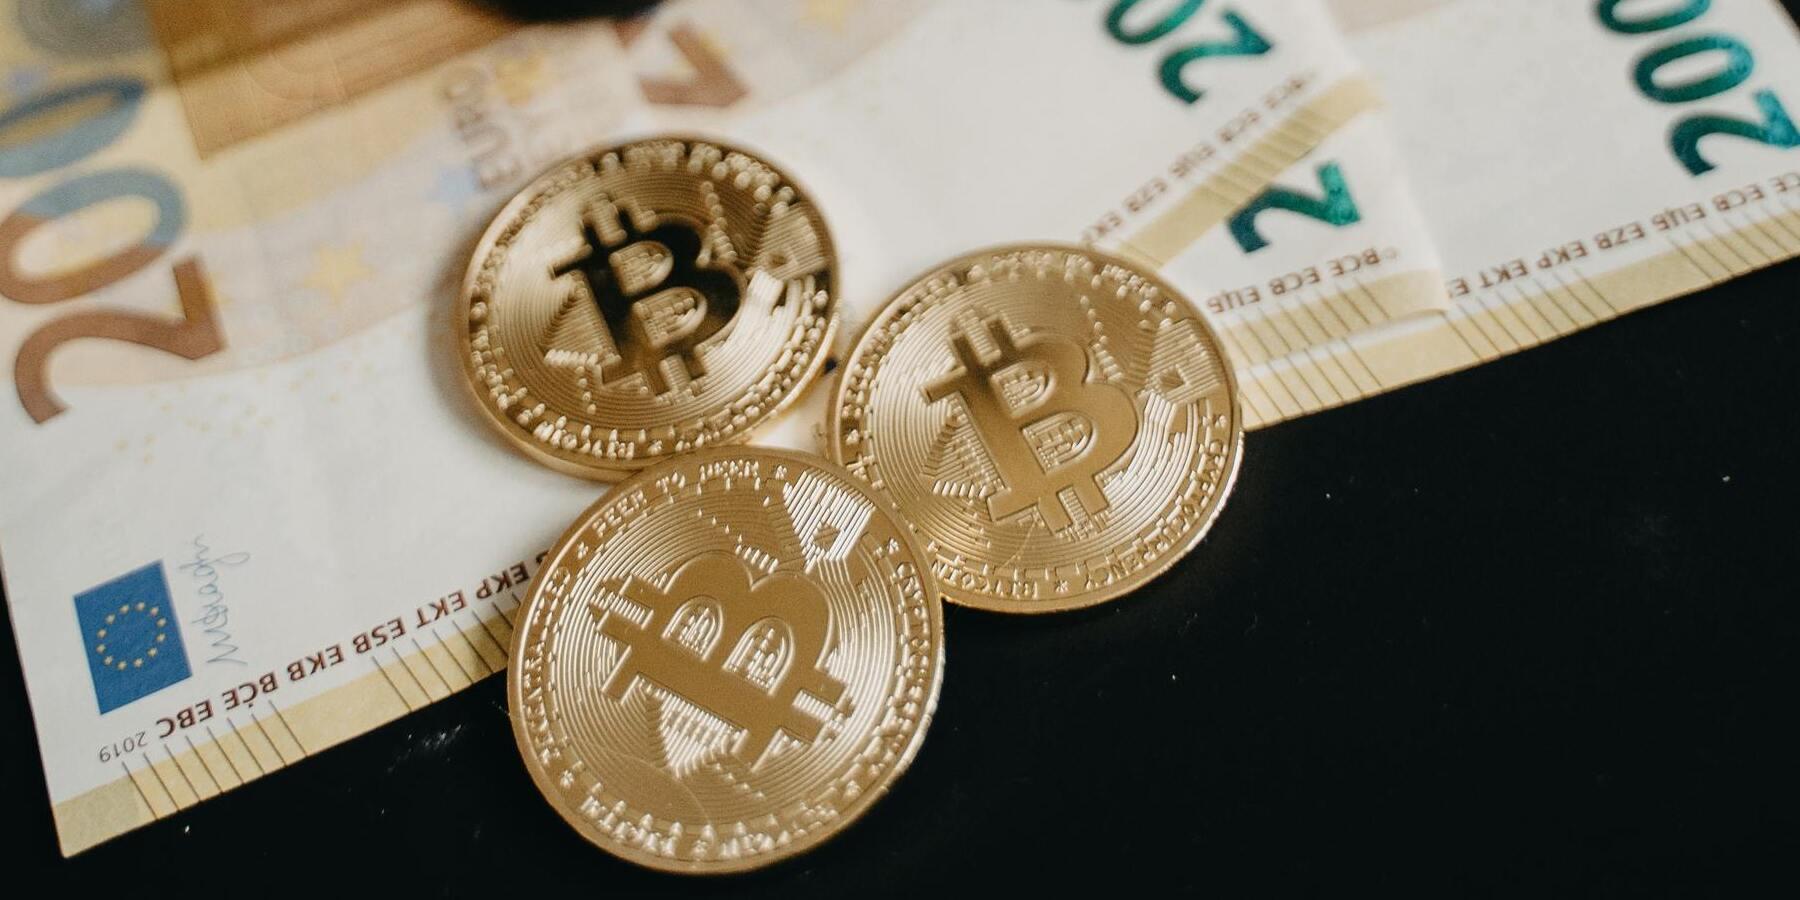 Beste Munzen, um auf crypto.com zu investieren